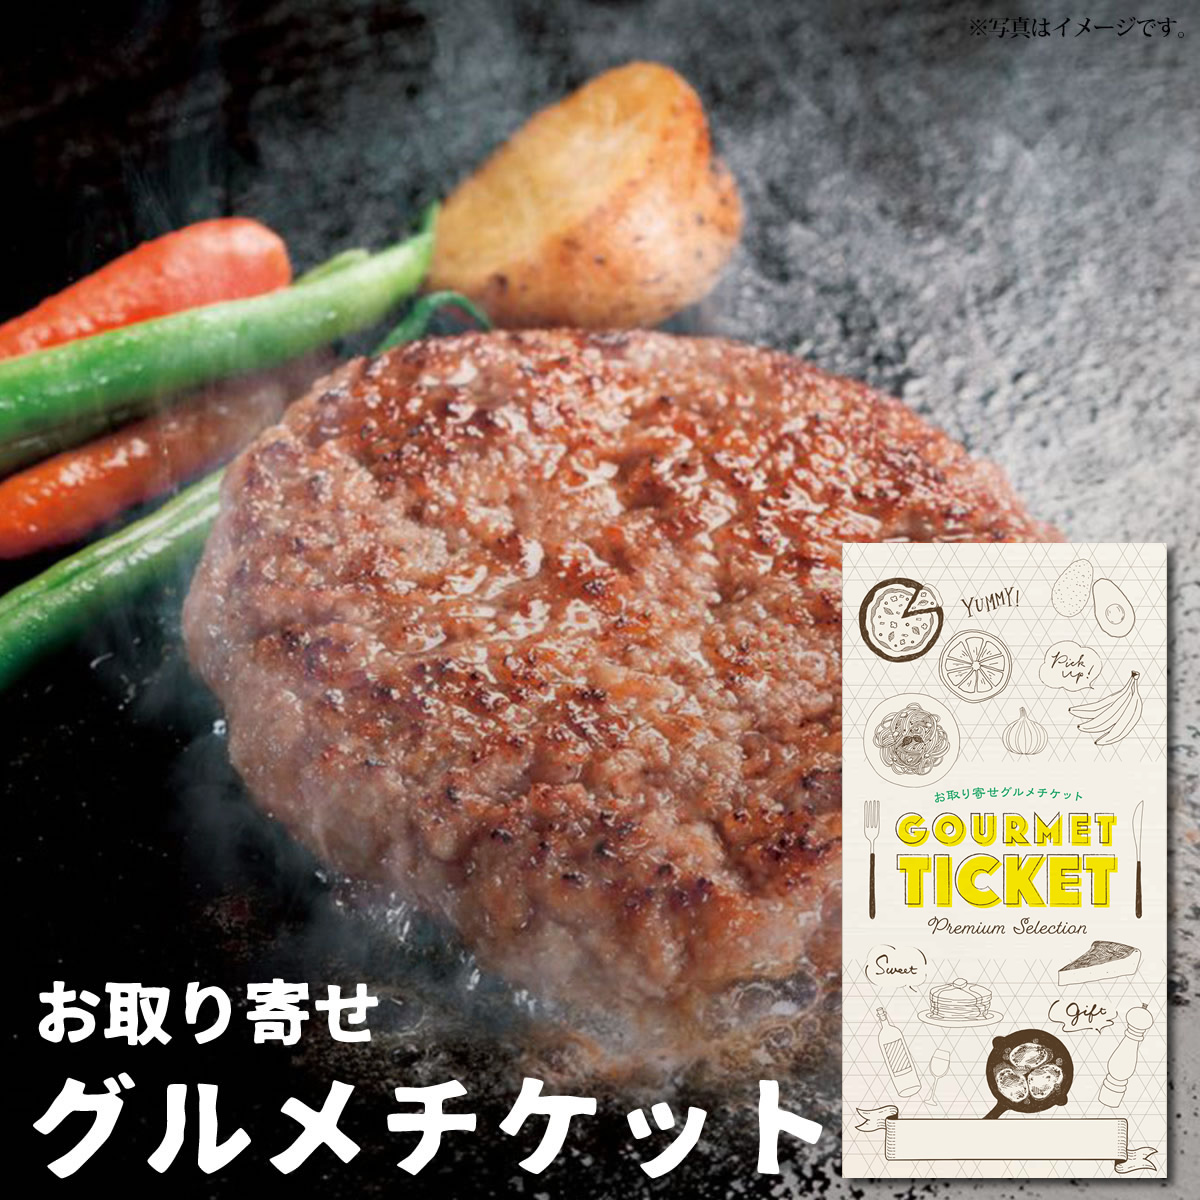 お取り寄せグルメチケット 松阪牛を贅沢に使用したハンバーグ8個入り